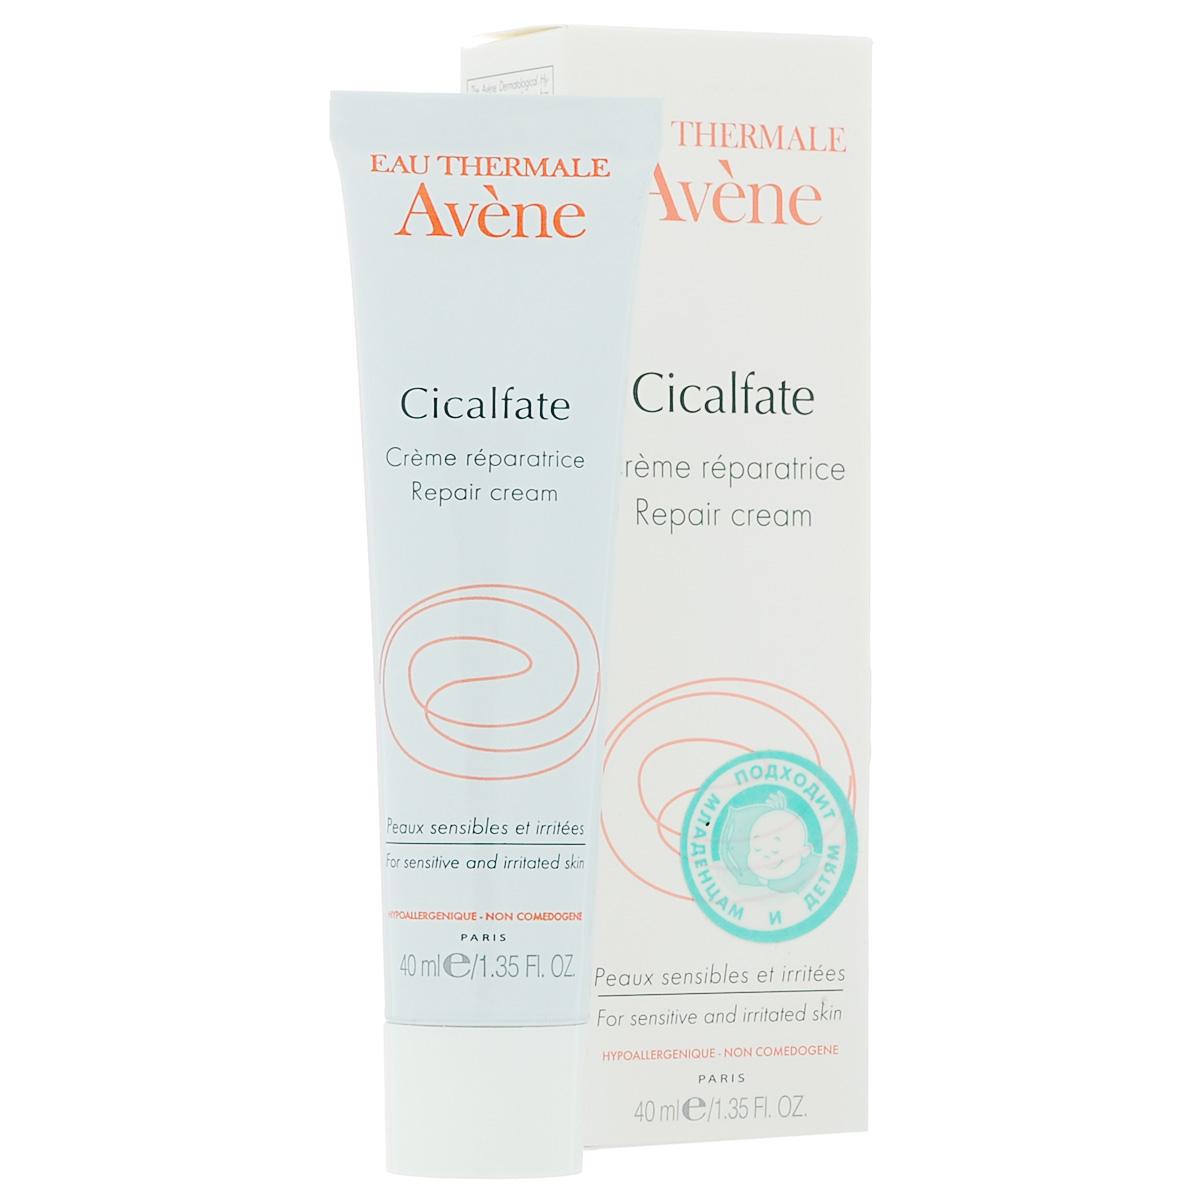 Avene Крем Cicalfate восстанавливающий целостность кожи для лица и тела 40 млC02754Ускоряет заживление, оказывает антибактериальное действие, препятствует присоединению вторичной инфекции. Показания: периоральный дерматит, заеды, пеленочный дерматит, порезы, ссадины, постхирургические швы, после дерматологических манипуляций.